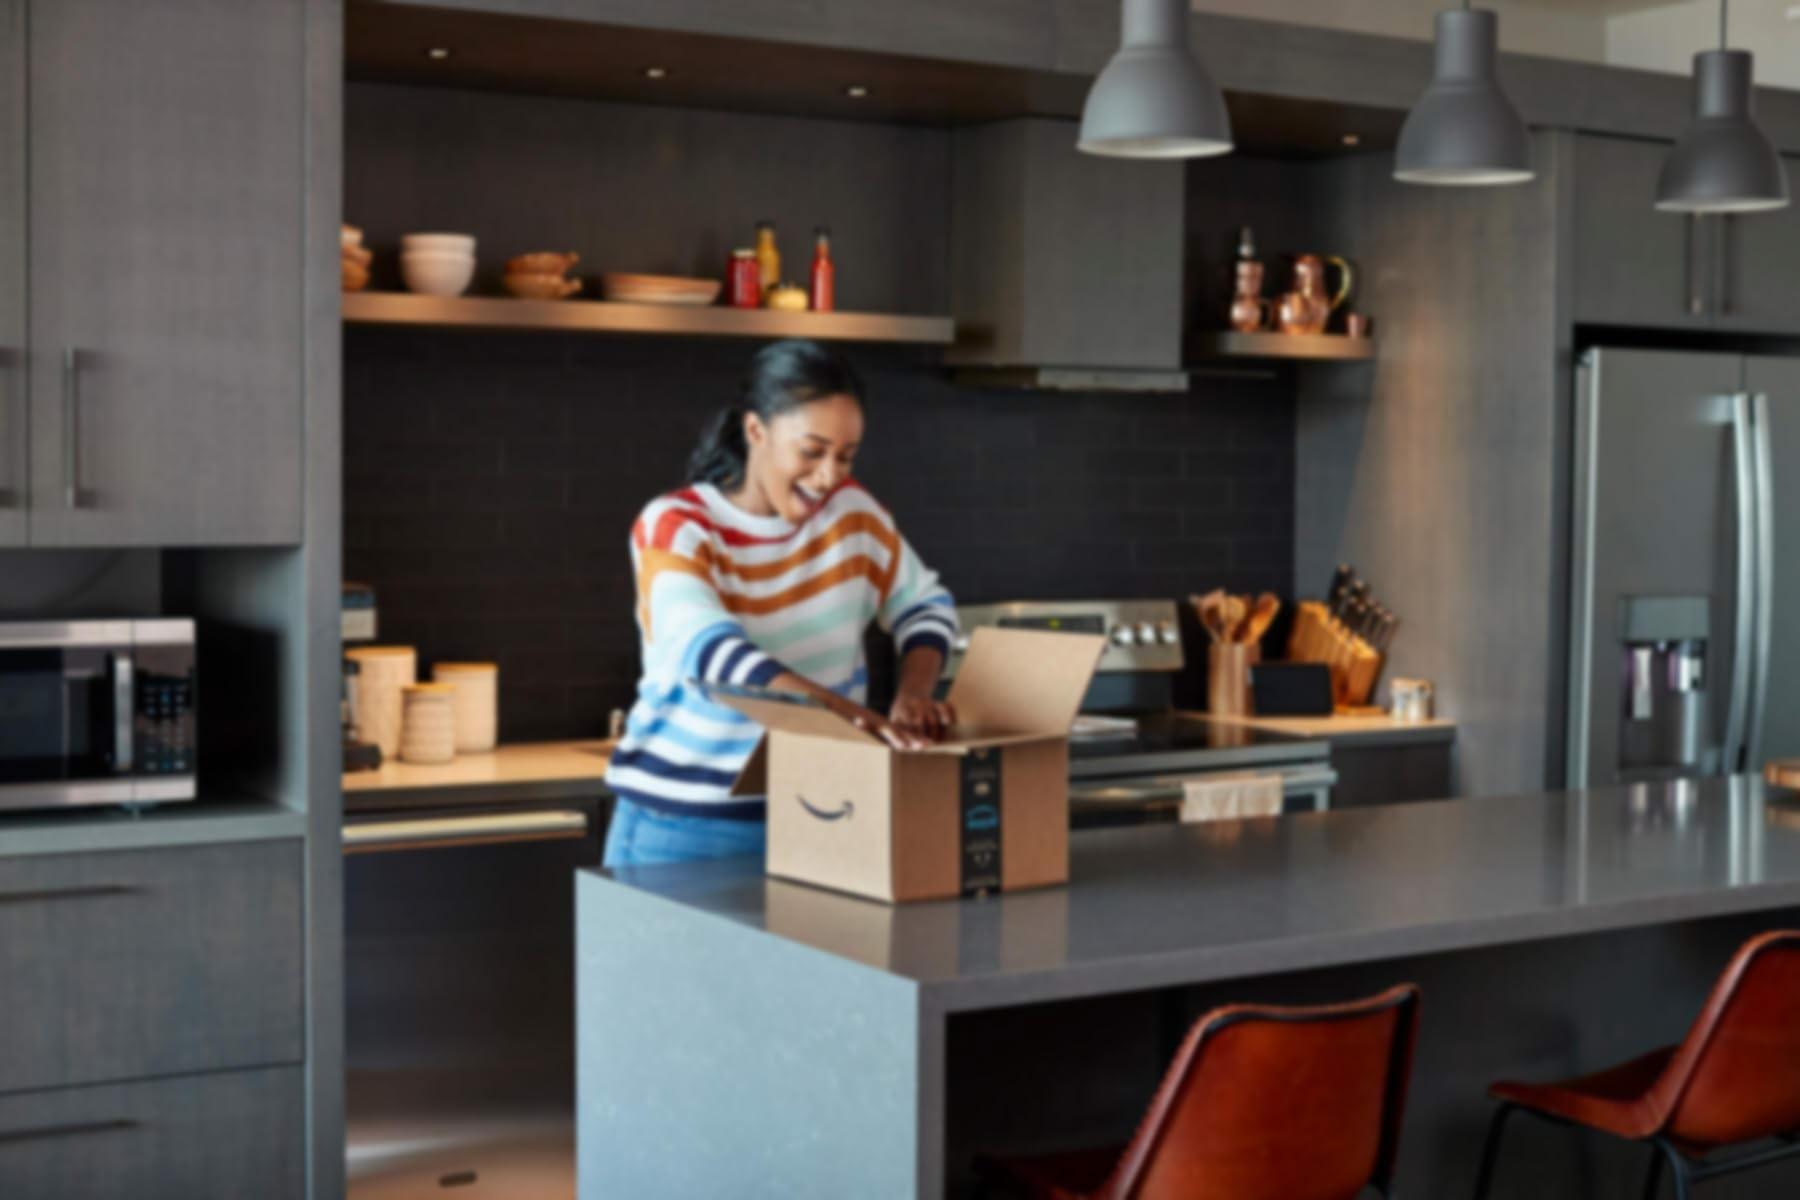 Frau, die ein Amazon-Paket in der Küche öffnet.